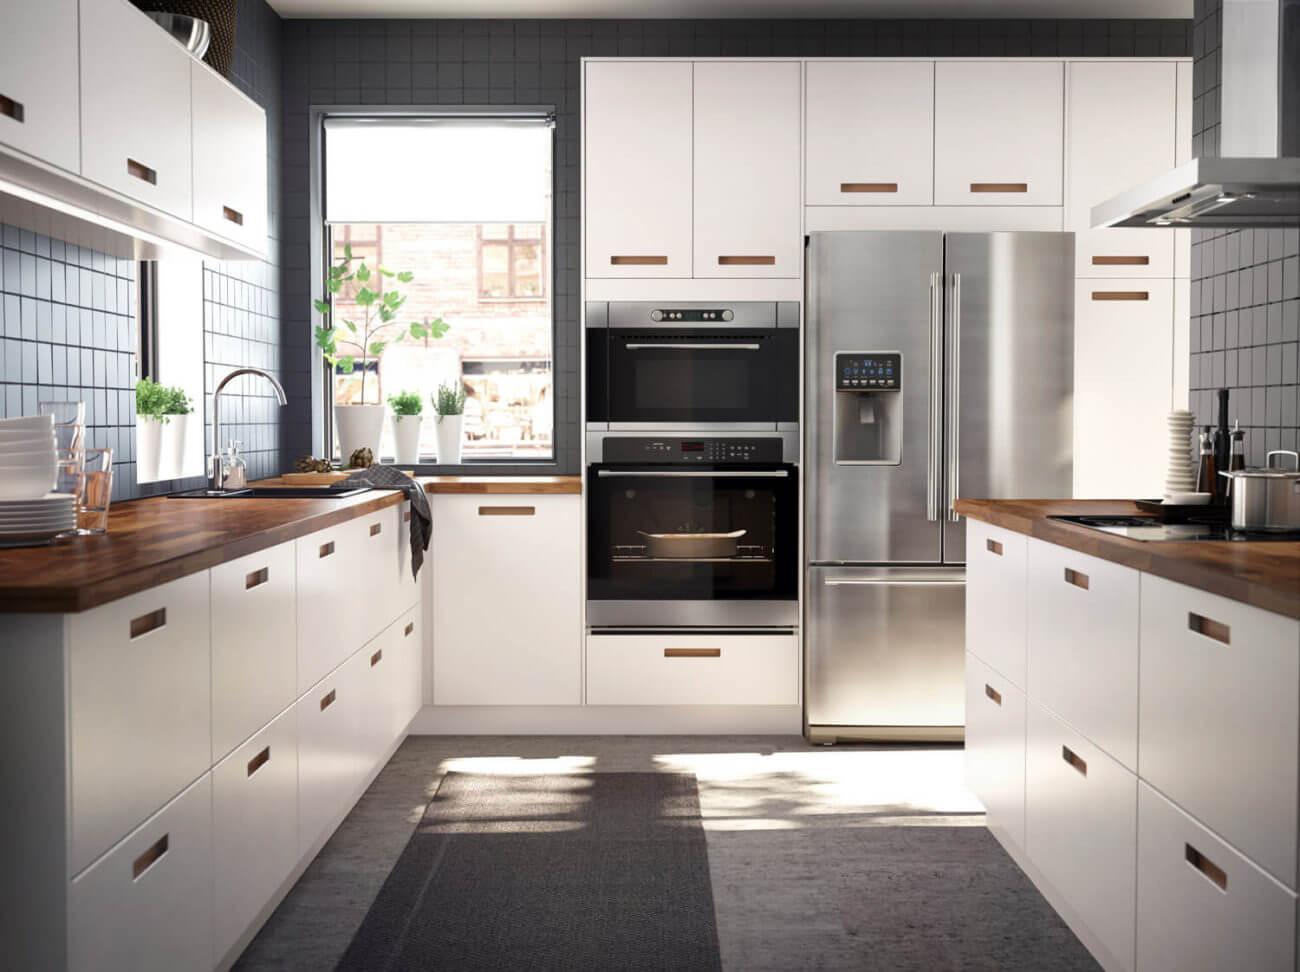 Amerikanischer Kühlschrank In Küche Integrieren : Ikea küche kühlschrank einbauen neue ikea küche unter